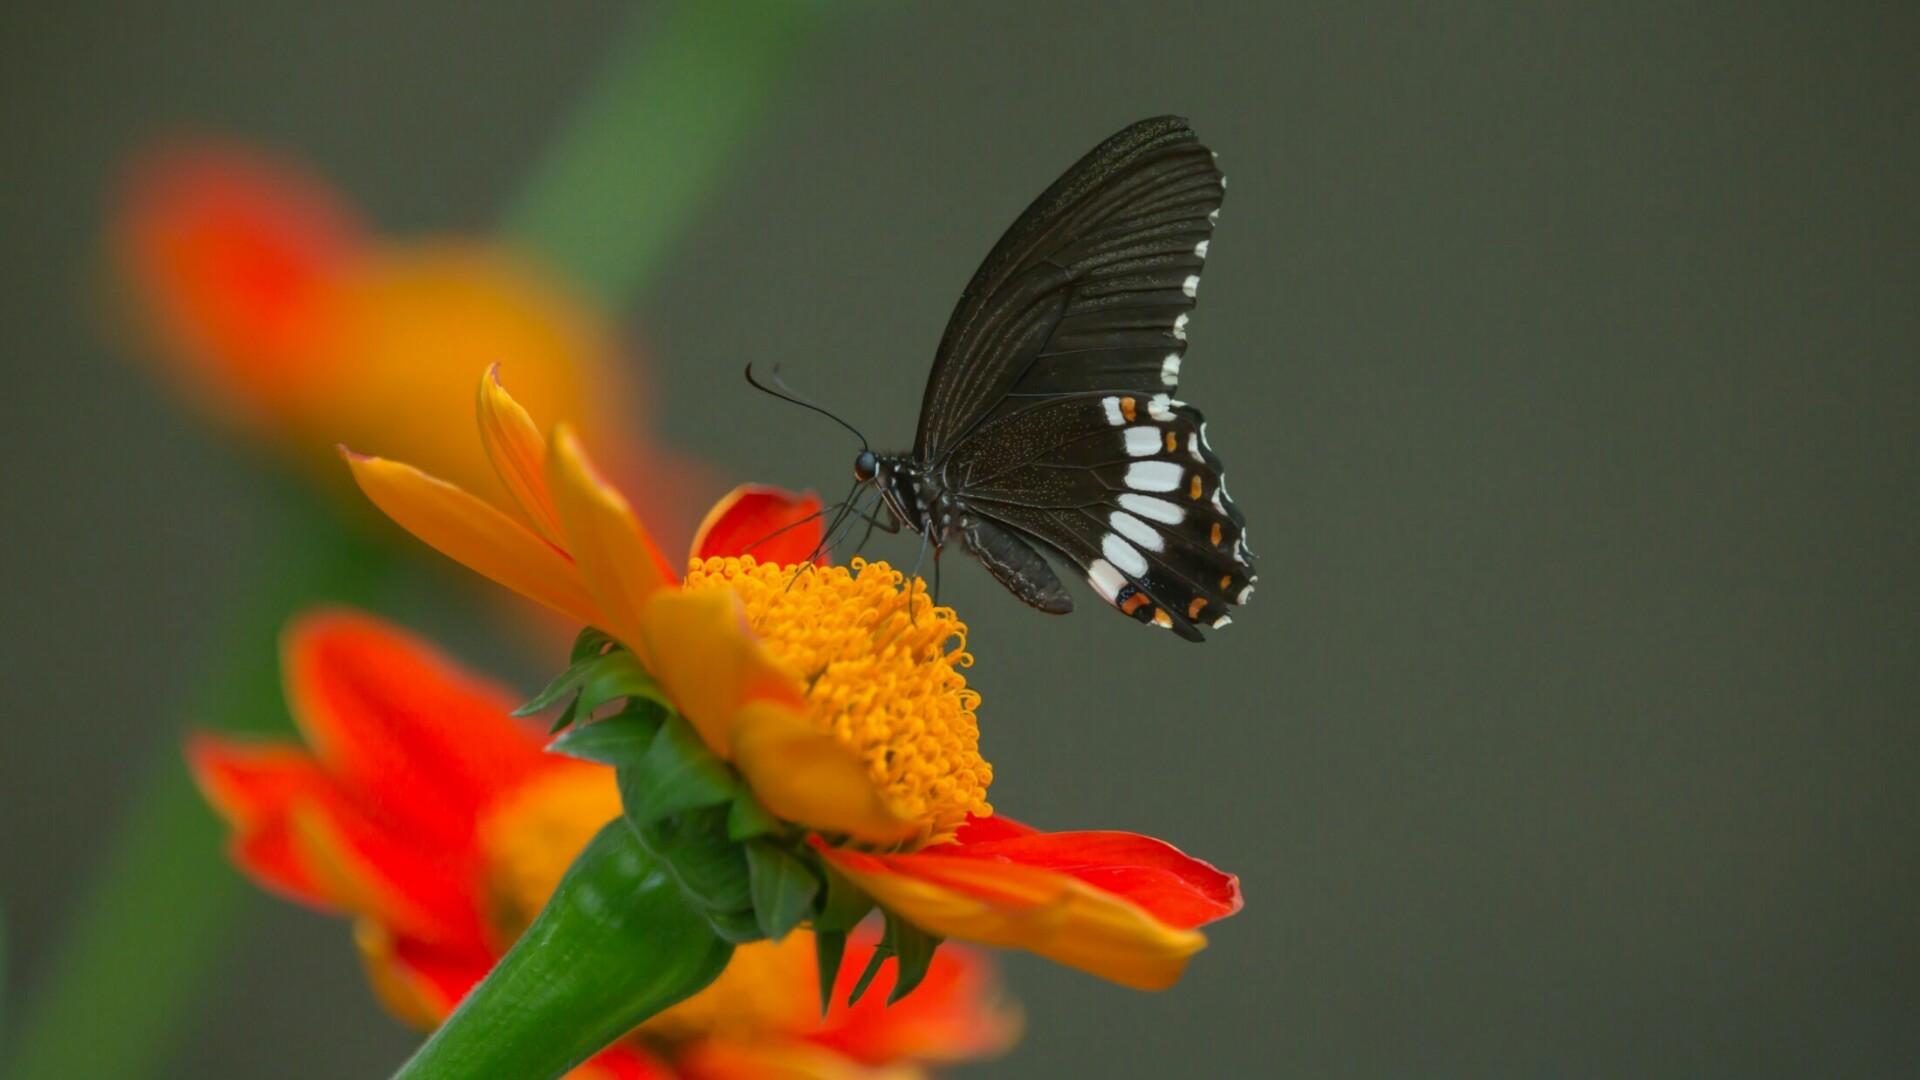 Black Butterfly Wallpaper ·①